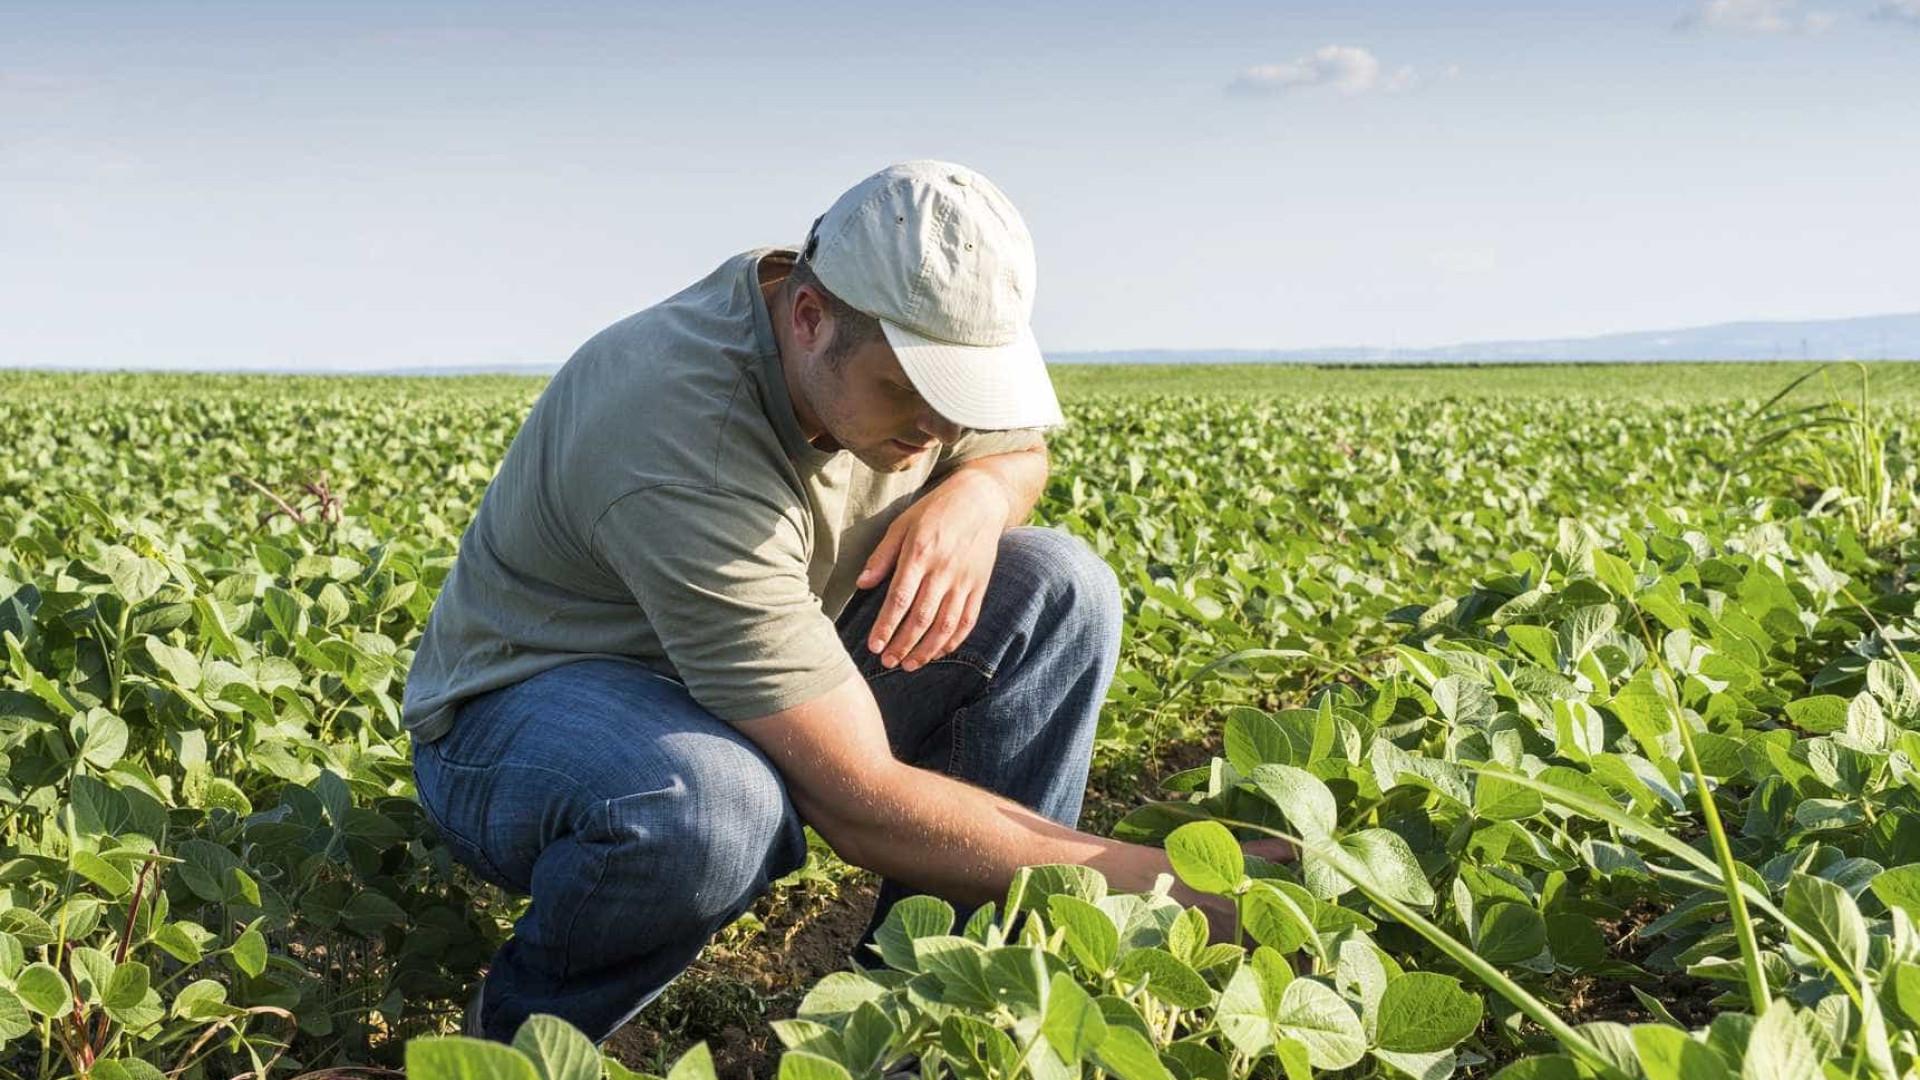 Agricultura e energia com maior peso no ambiente do que na economia